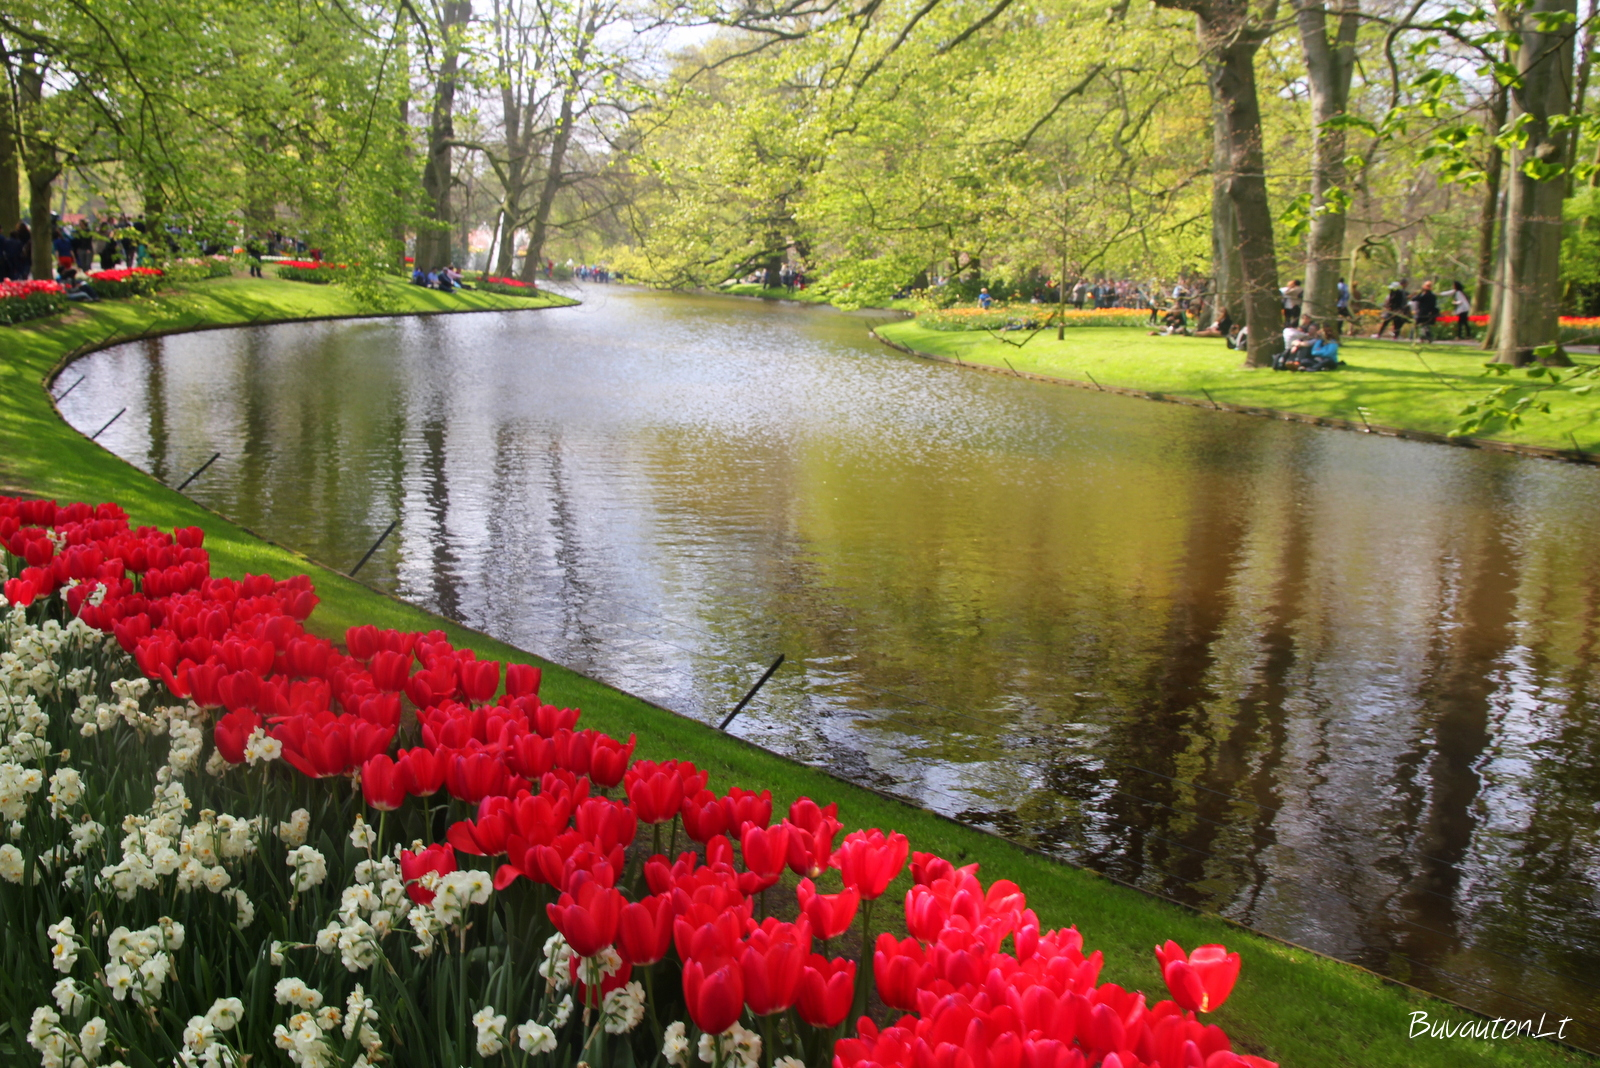 Keukenhofo gėlių parkas